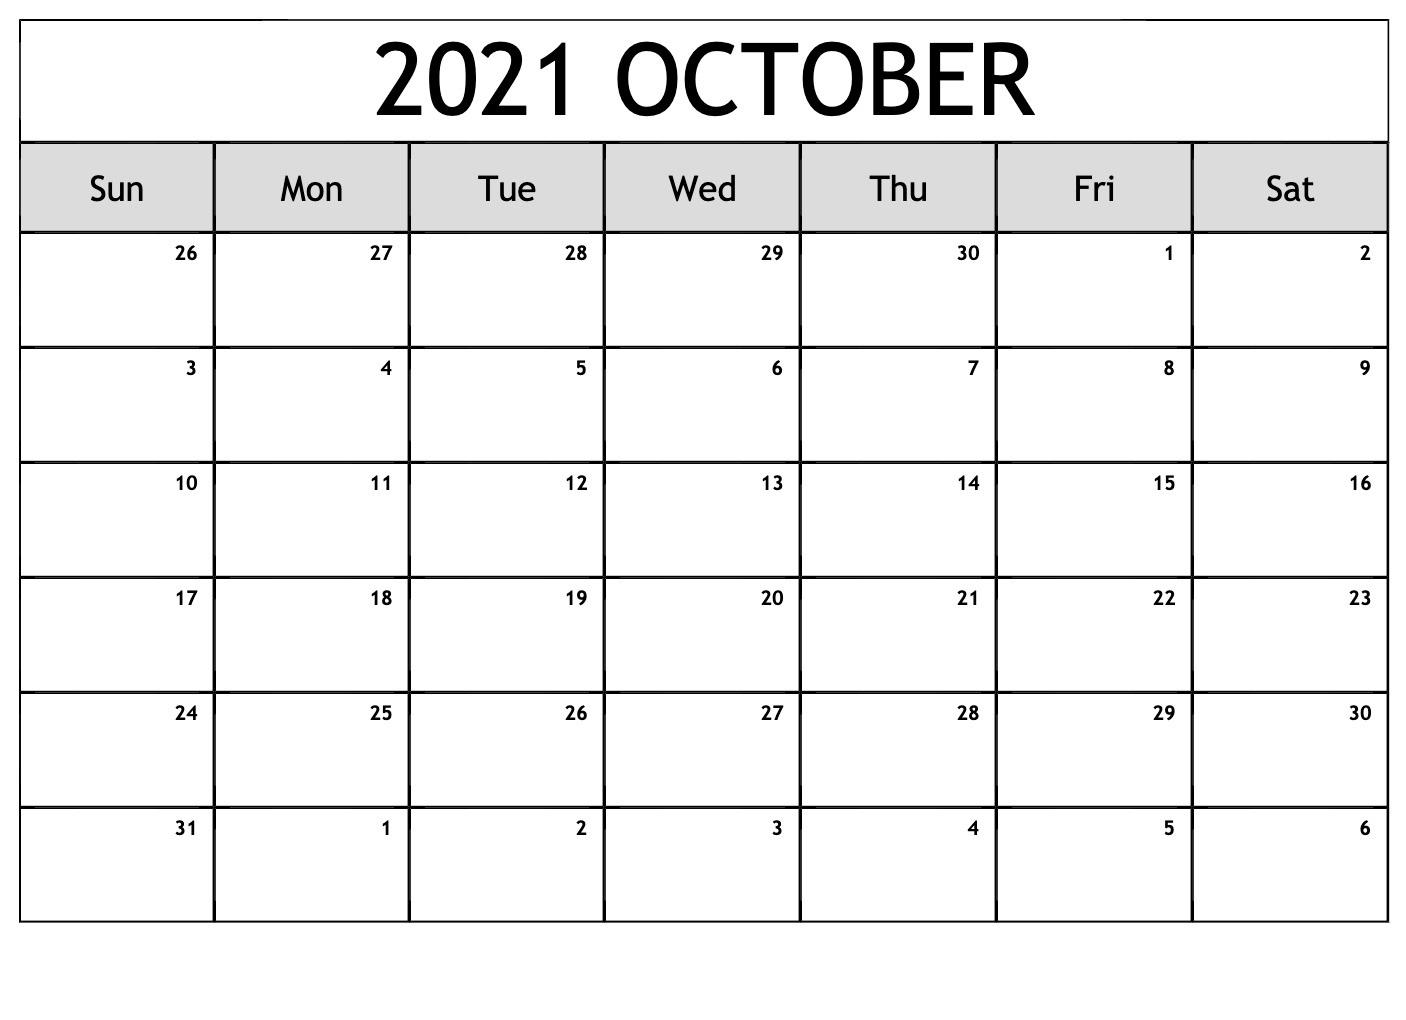 October 2021 Calendar With Bank Holidays